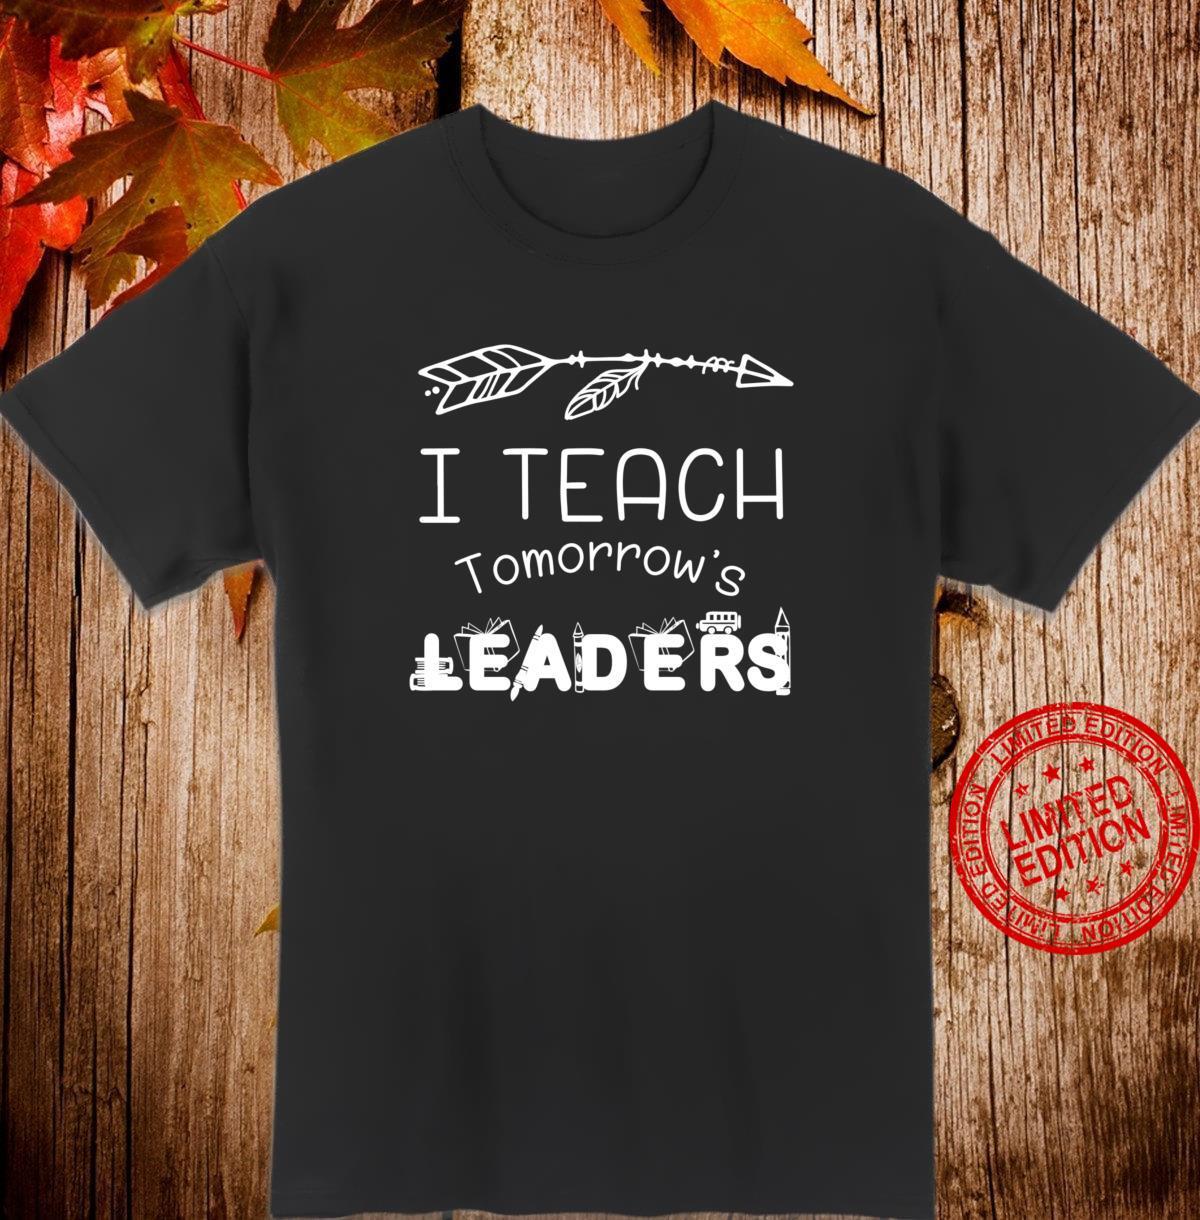 I Teach Tomorrow's Leaders, Teacher Back to School Shirt